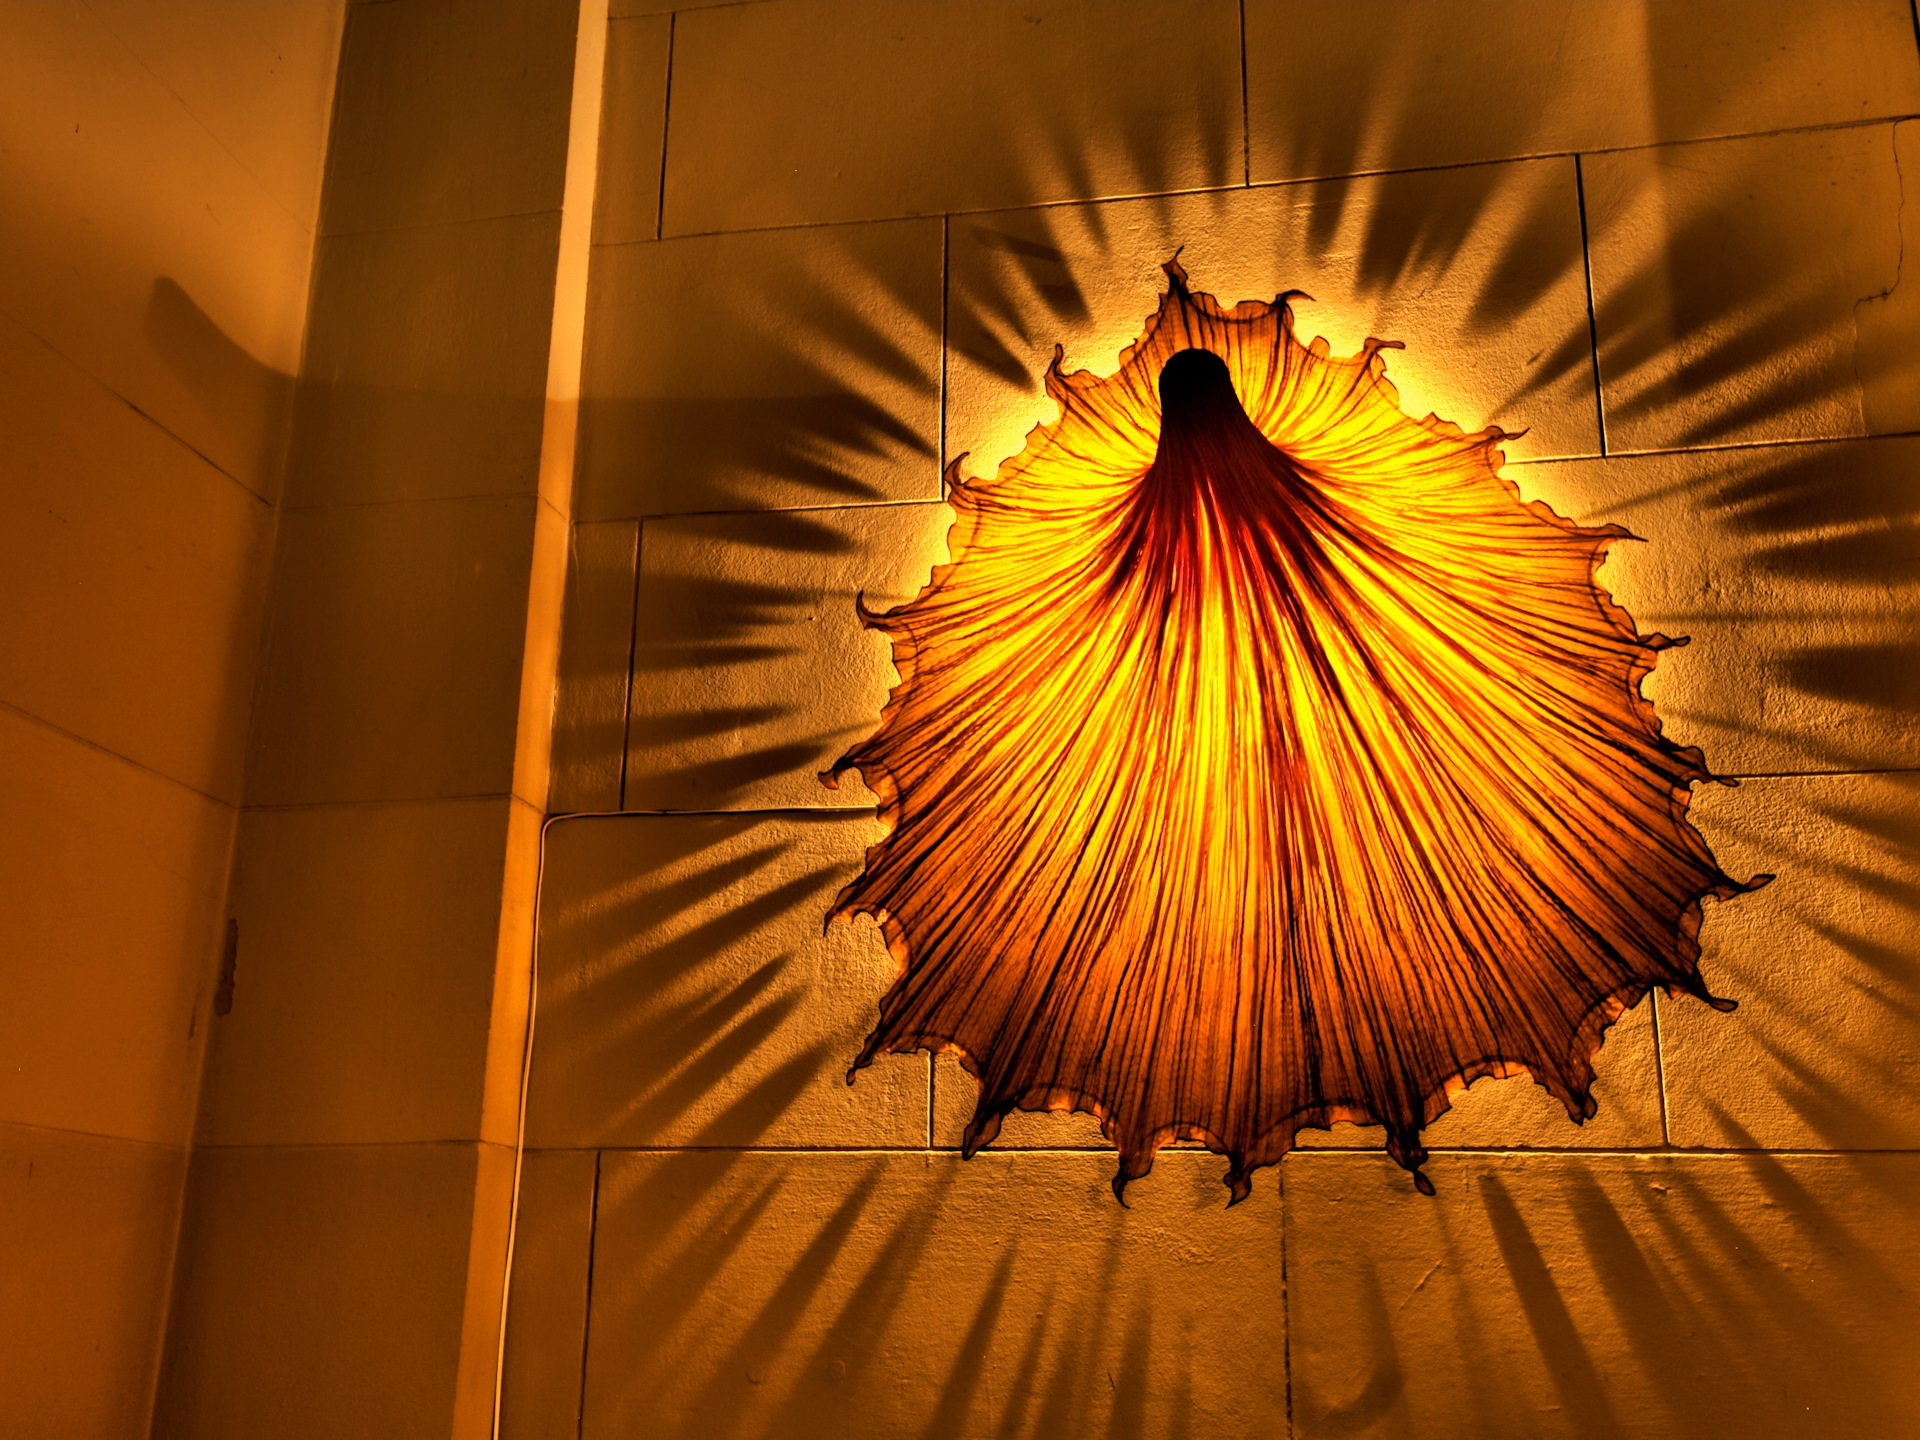 лампа, светильник, свет